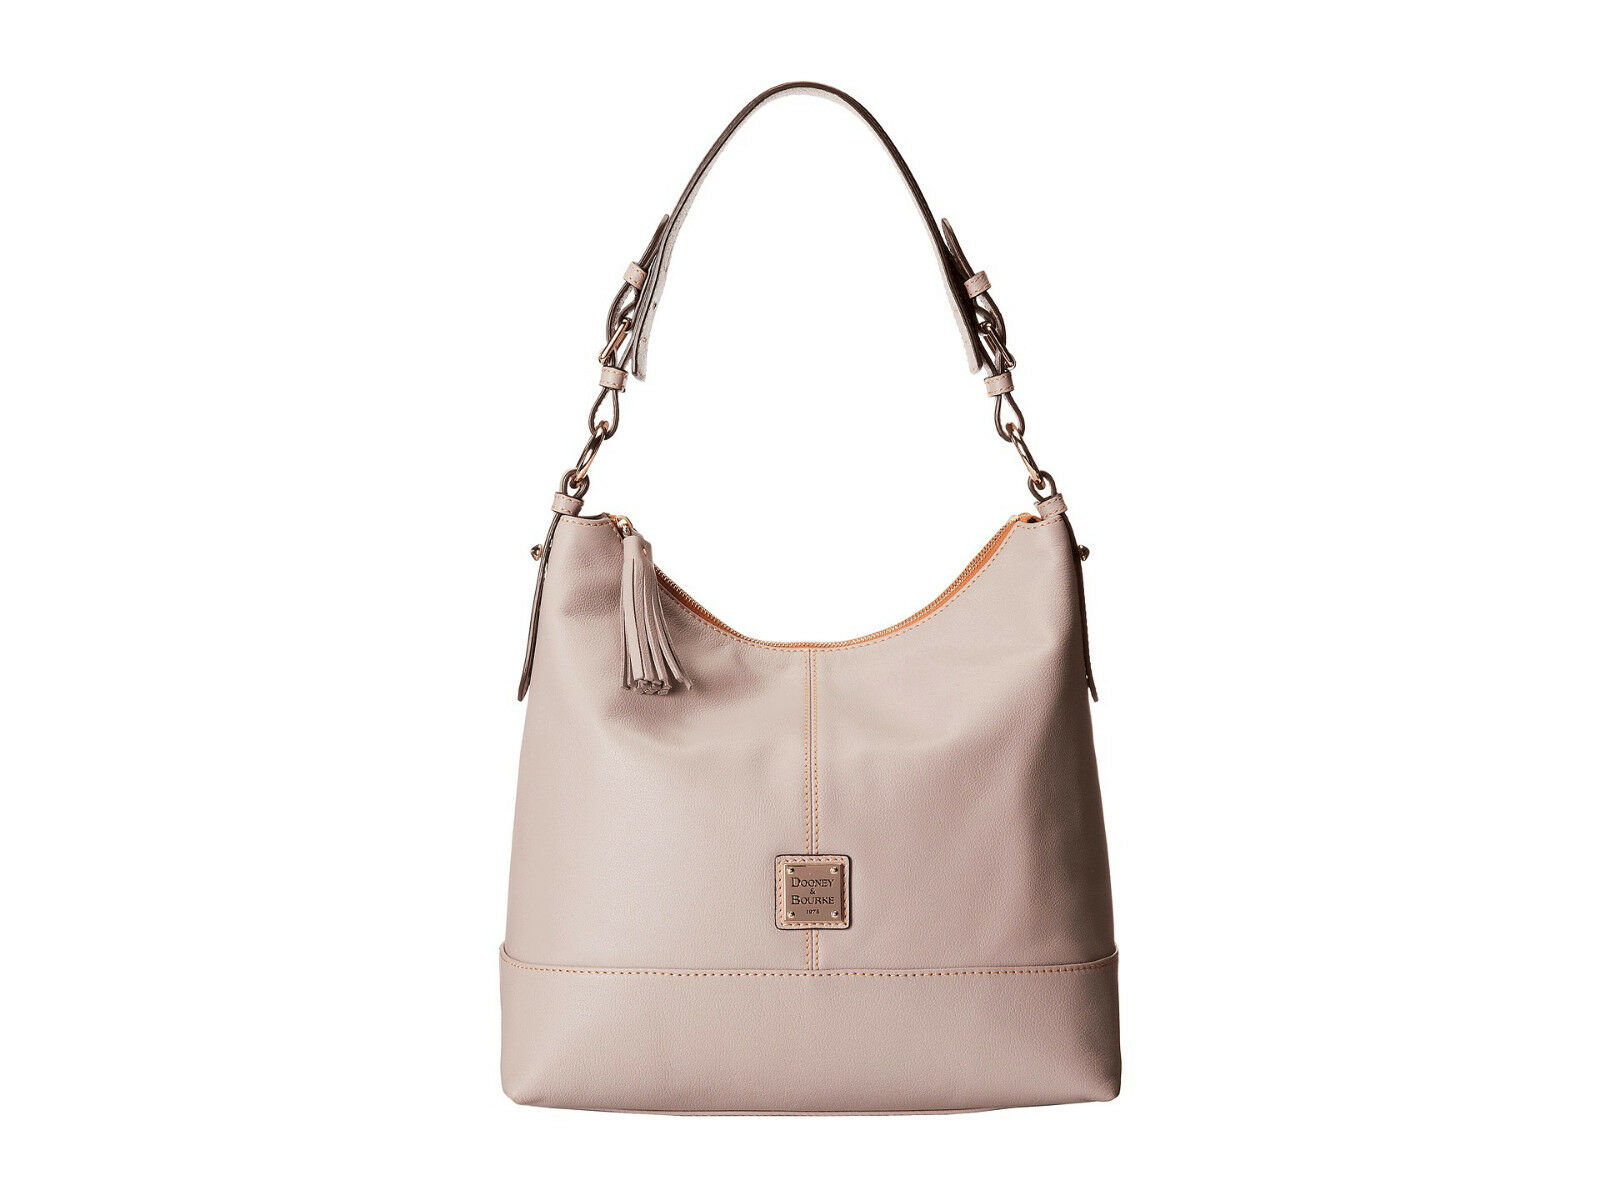 bafa6863a3 Dooney   Bourke Sophie Hobo 100 Cowhide Leather Shoulder Bag in Taupe for  sale online